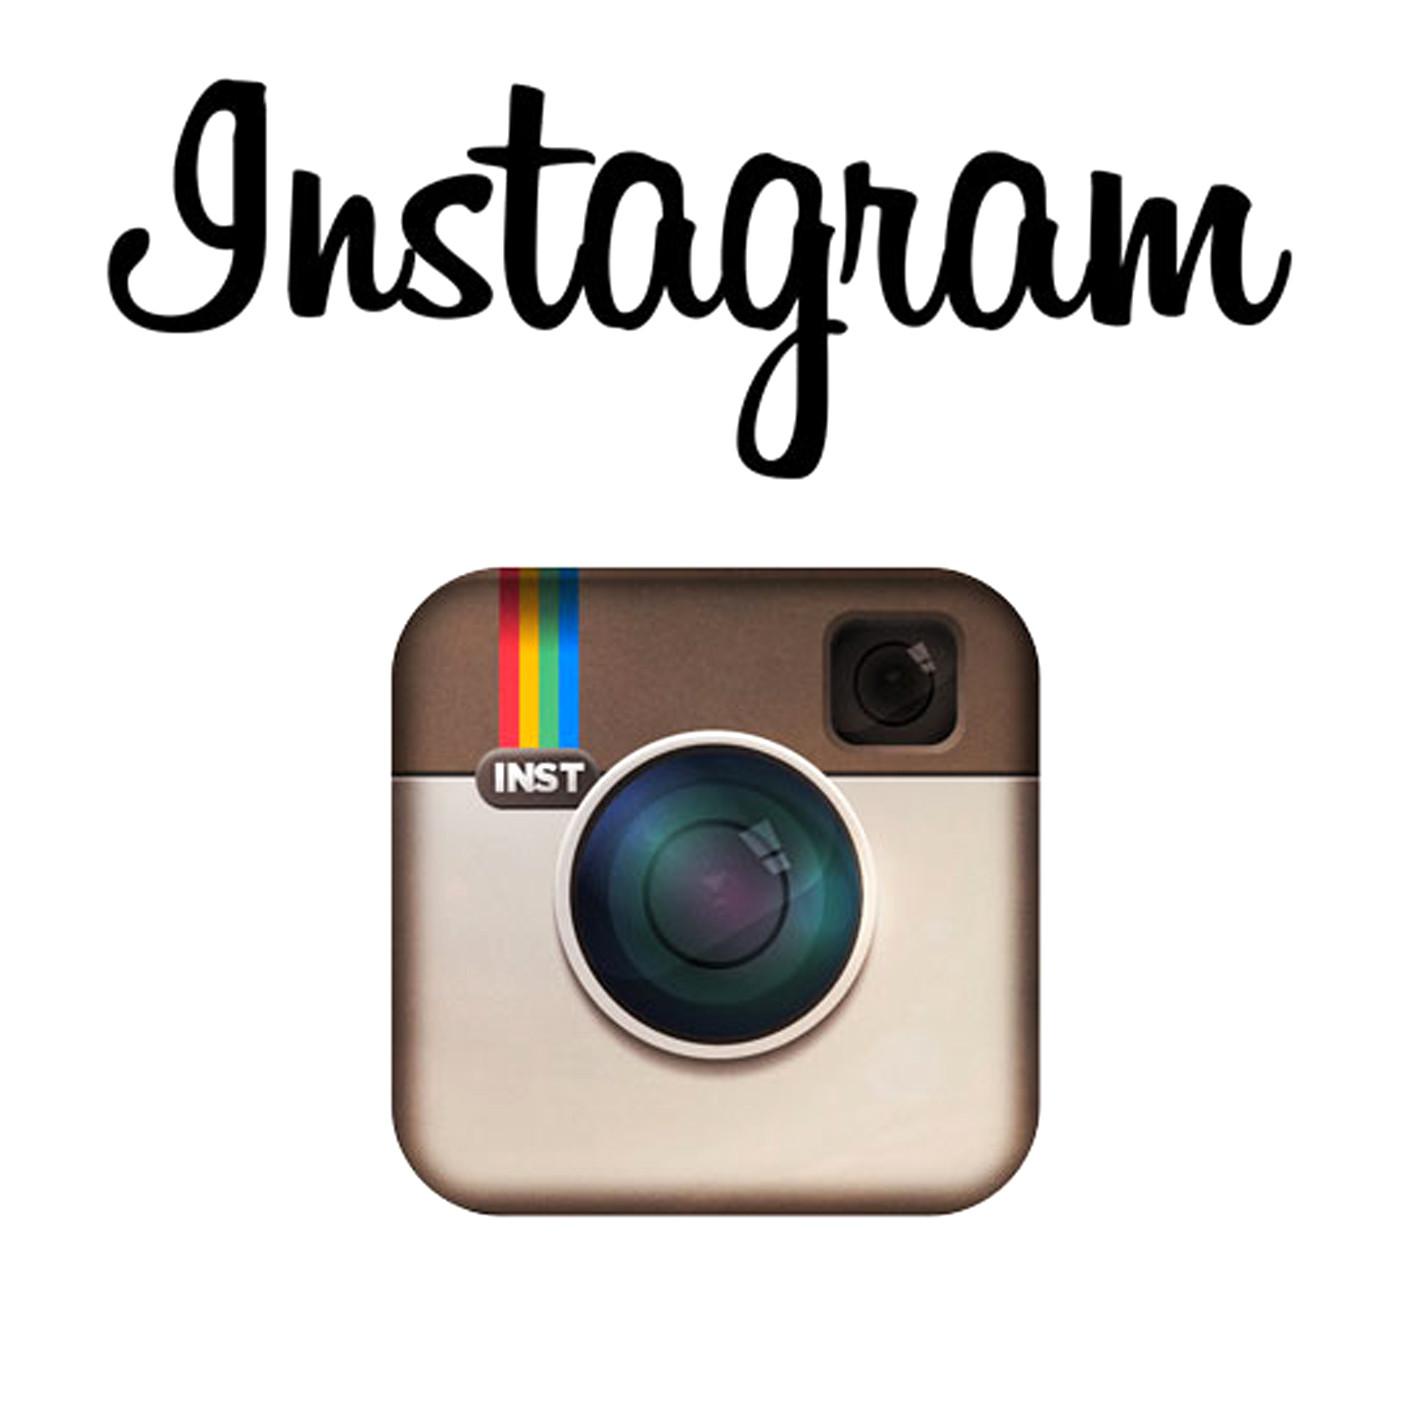 The Verge: Instagram хочет разделить личные и публичные посты пользователей